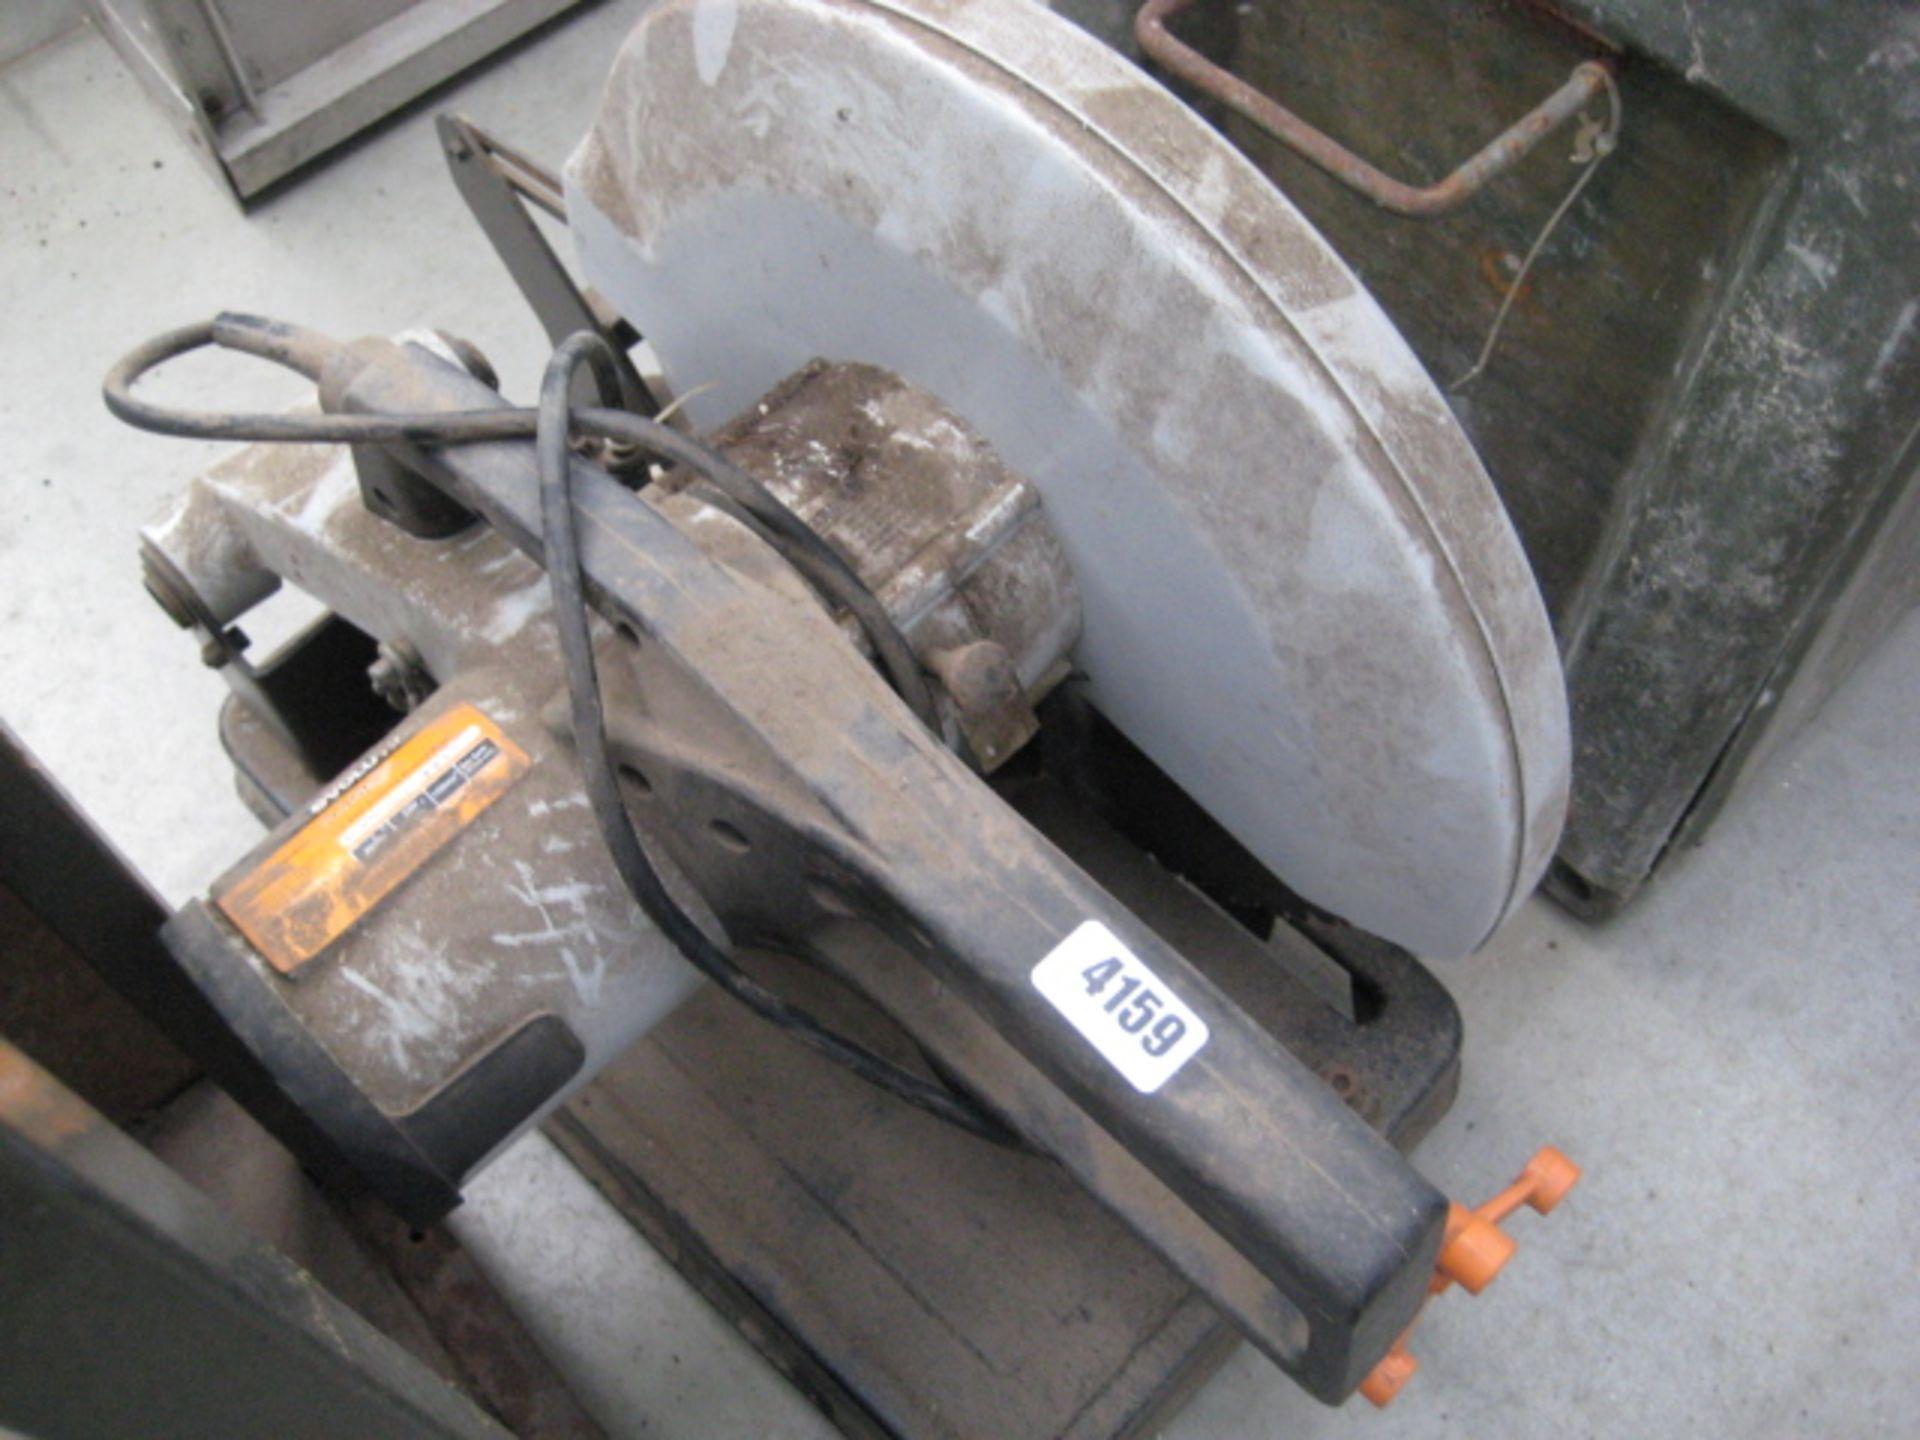 Lot 4159 - Evolution 240v electric chop saw